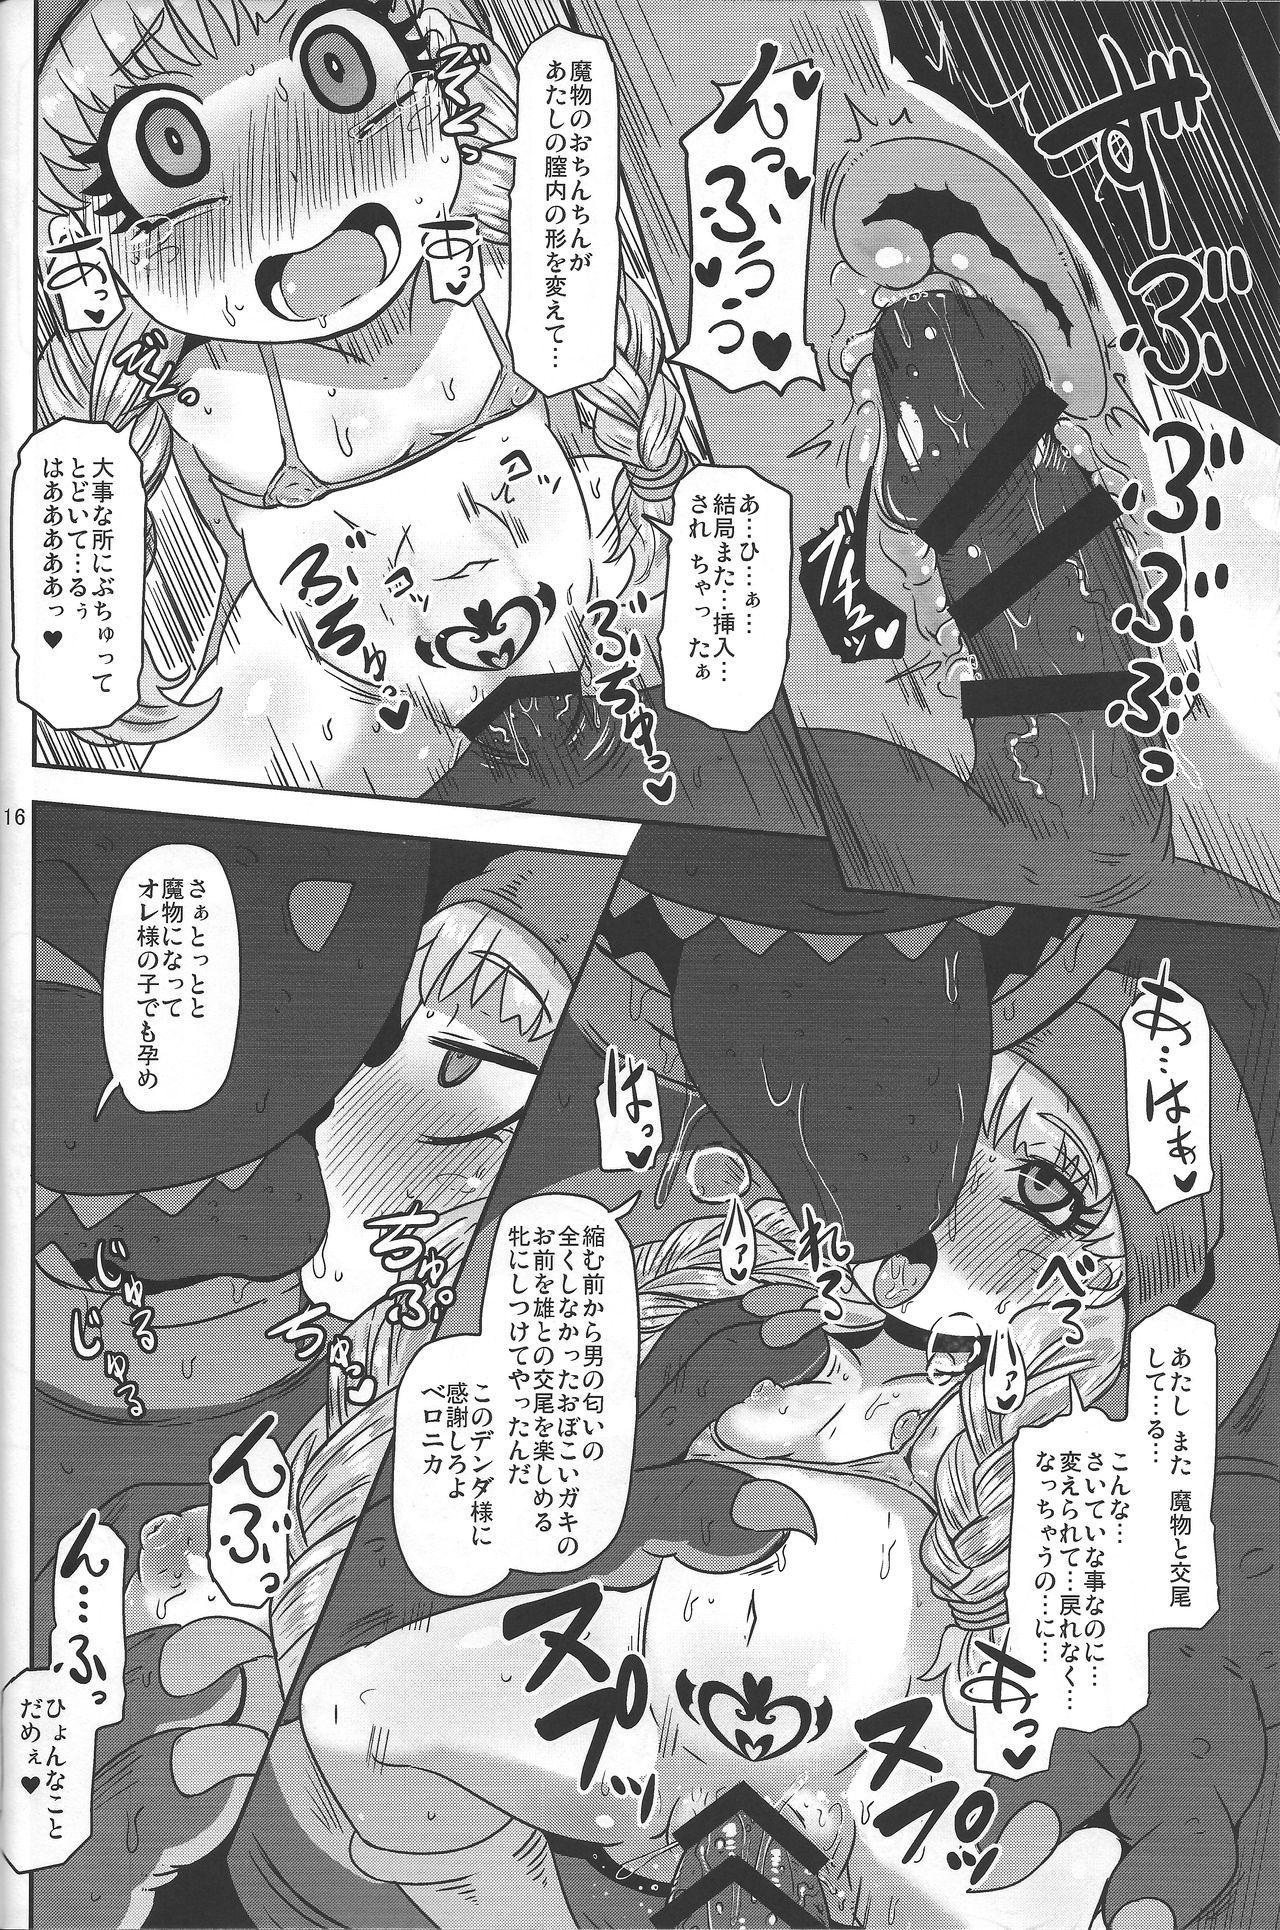 Tensai Mahoutsukai no Sei Jijou 14